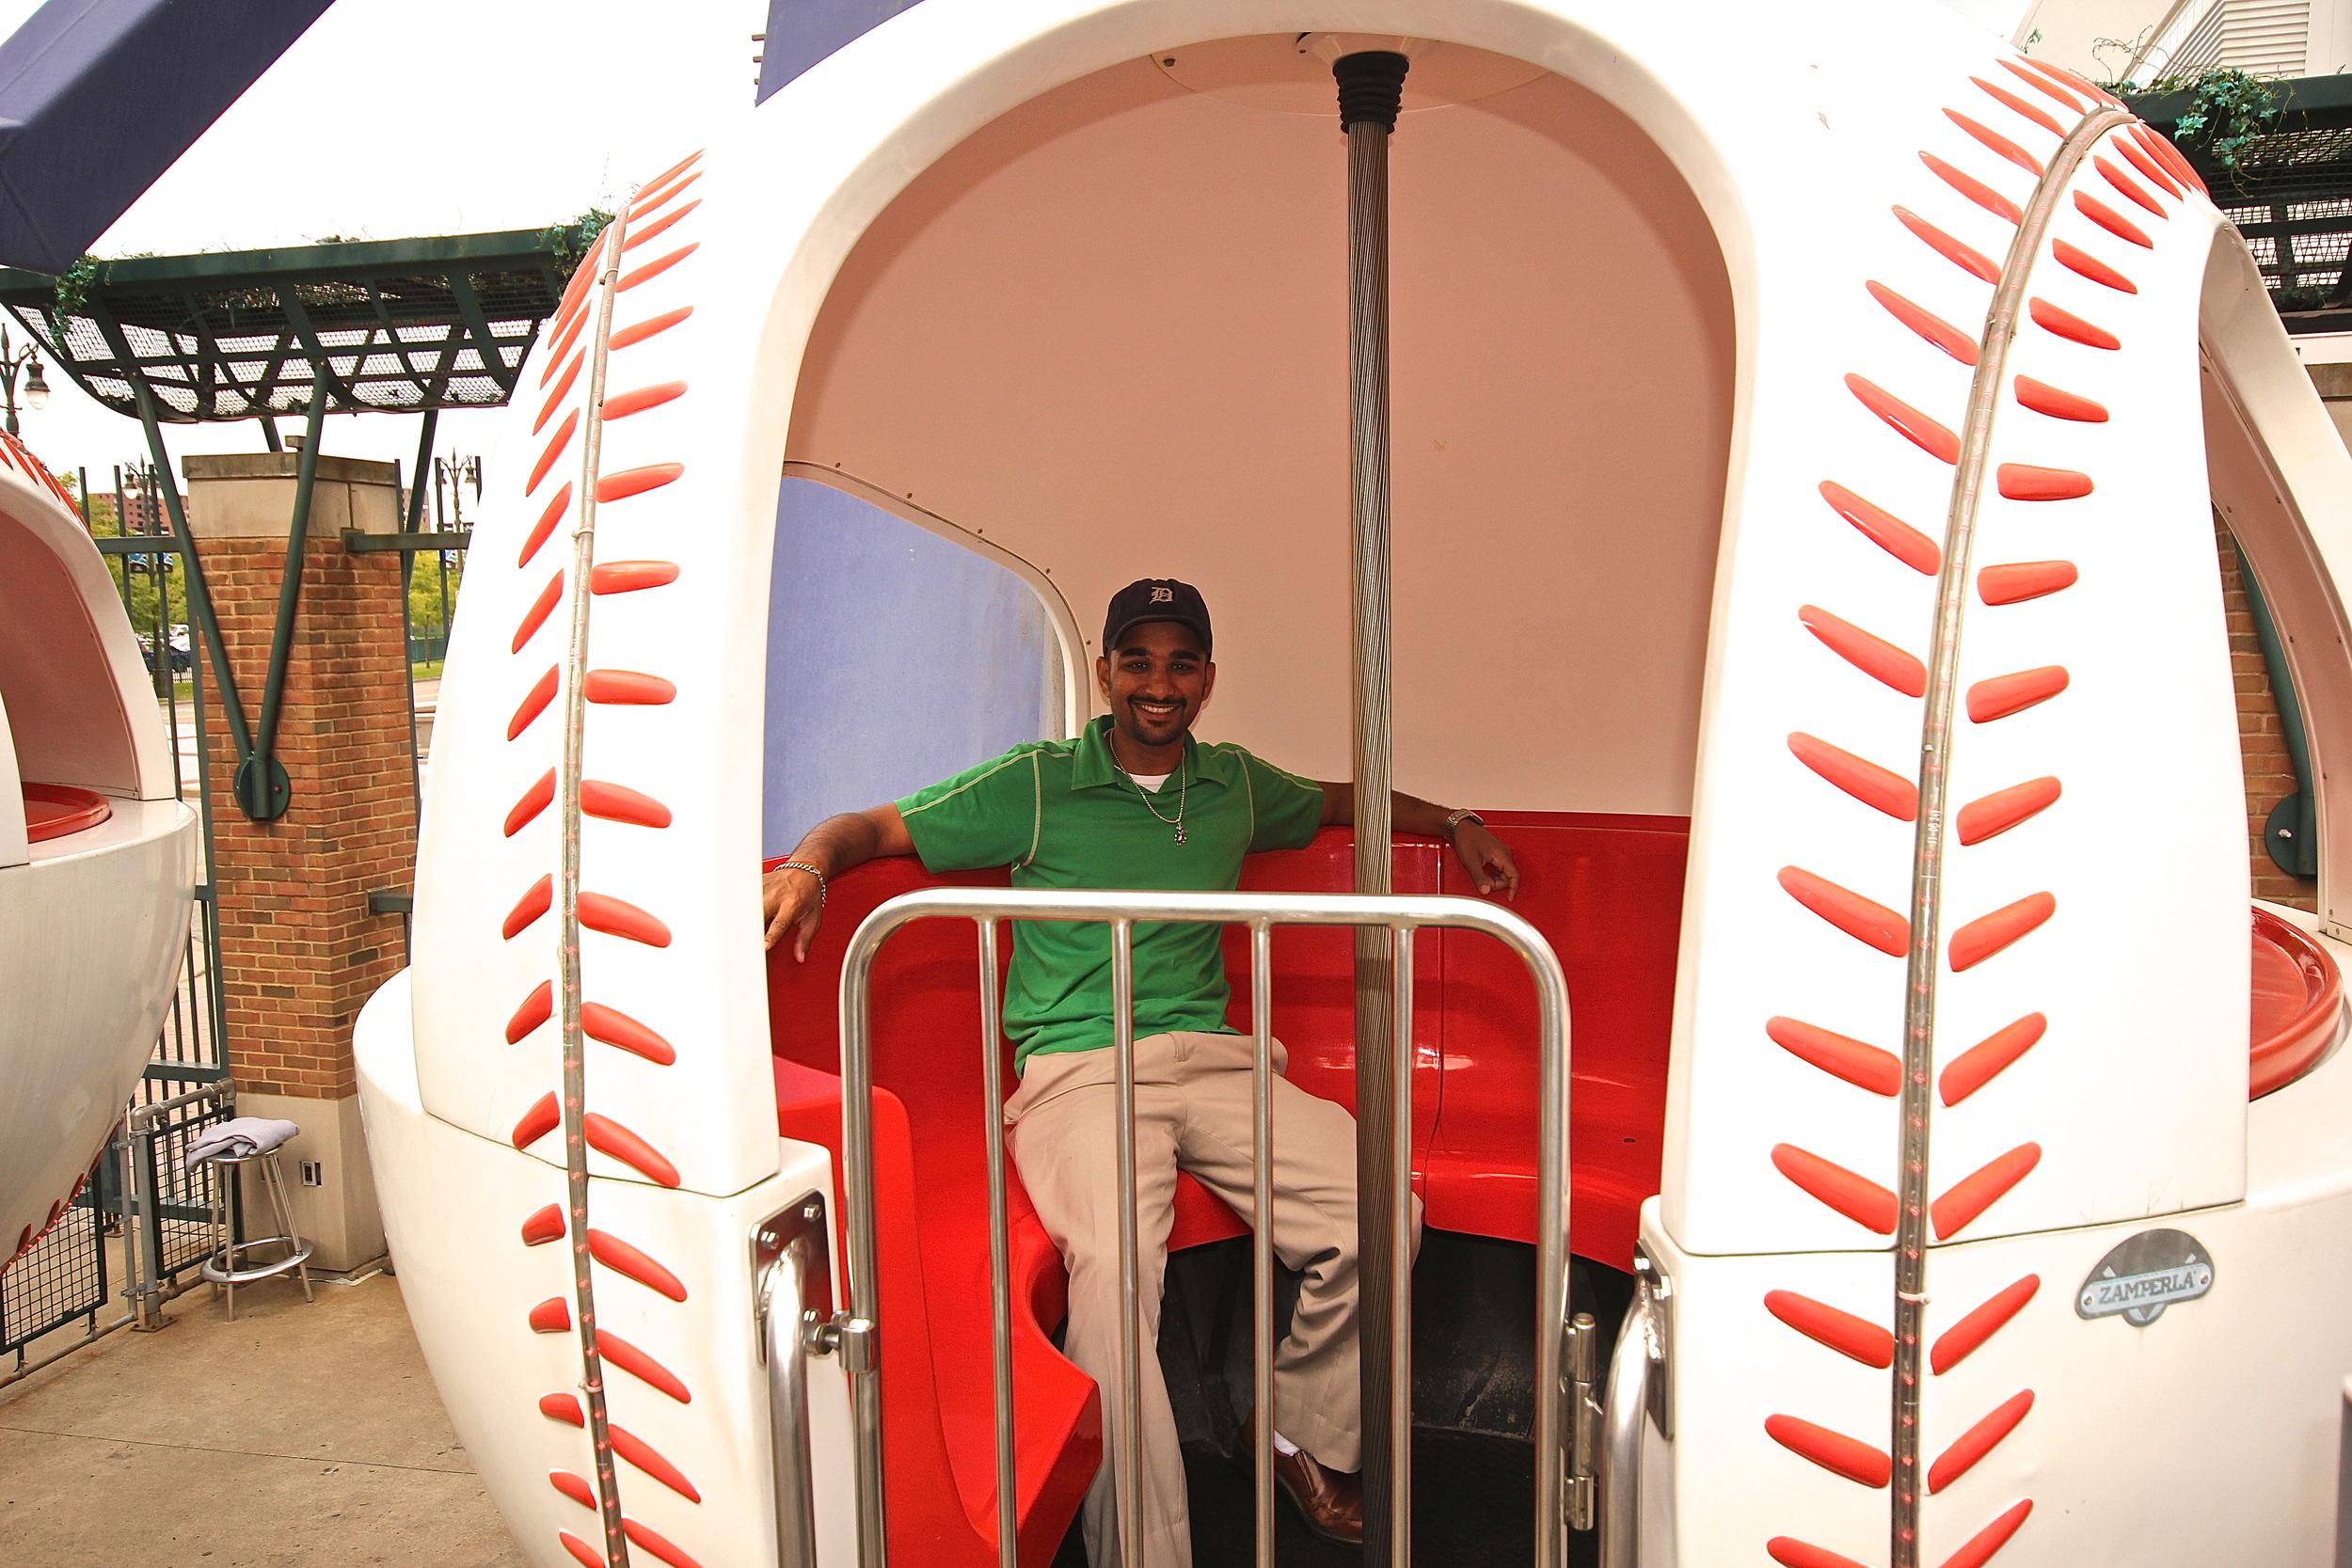 Me riding the ferris wheel